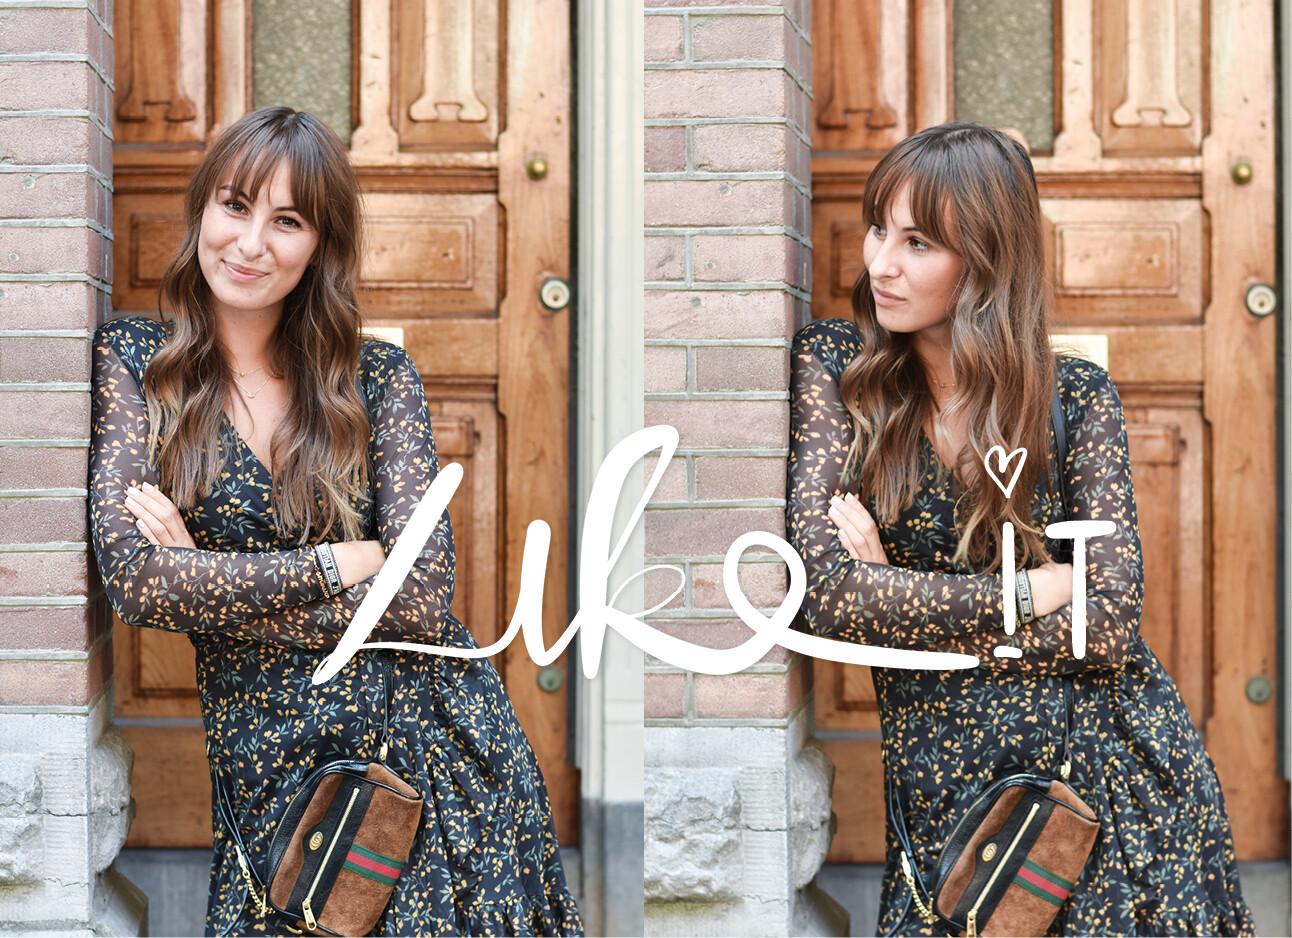 Lilian buiten bij een houten voordeur in een jurk met gucci tas